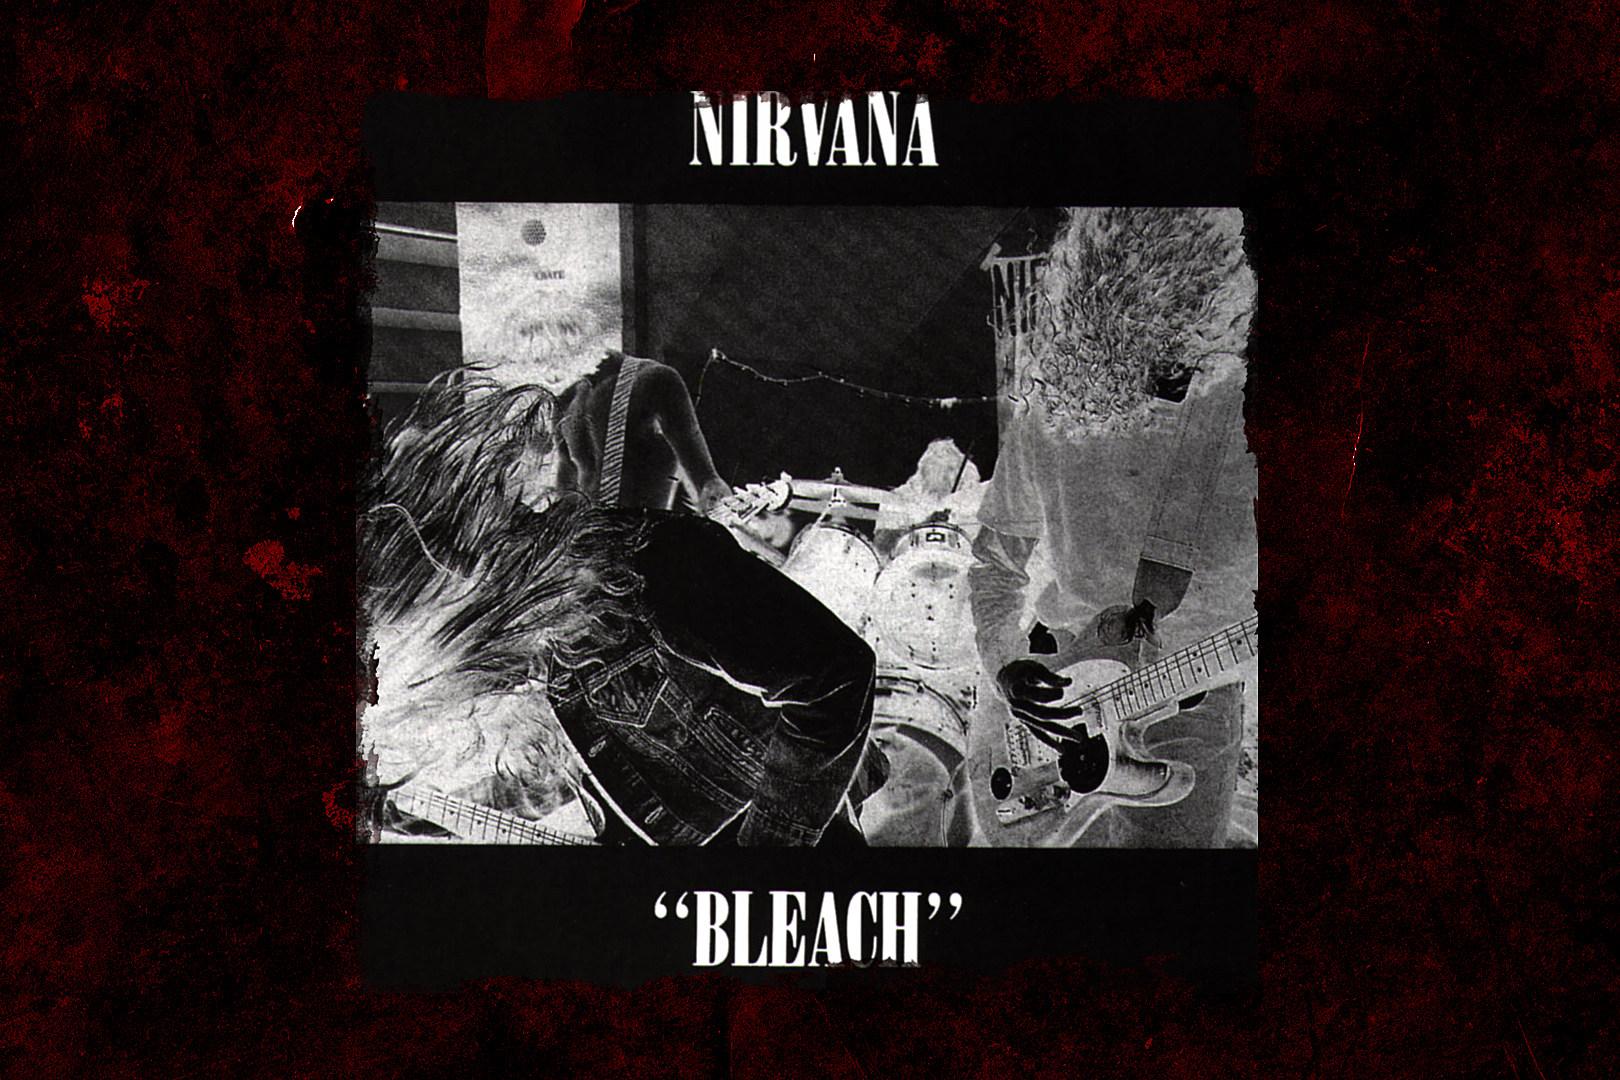 30 Years Ago: Nirvana Release Their Debut Album 'Bleach'